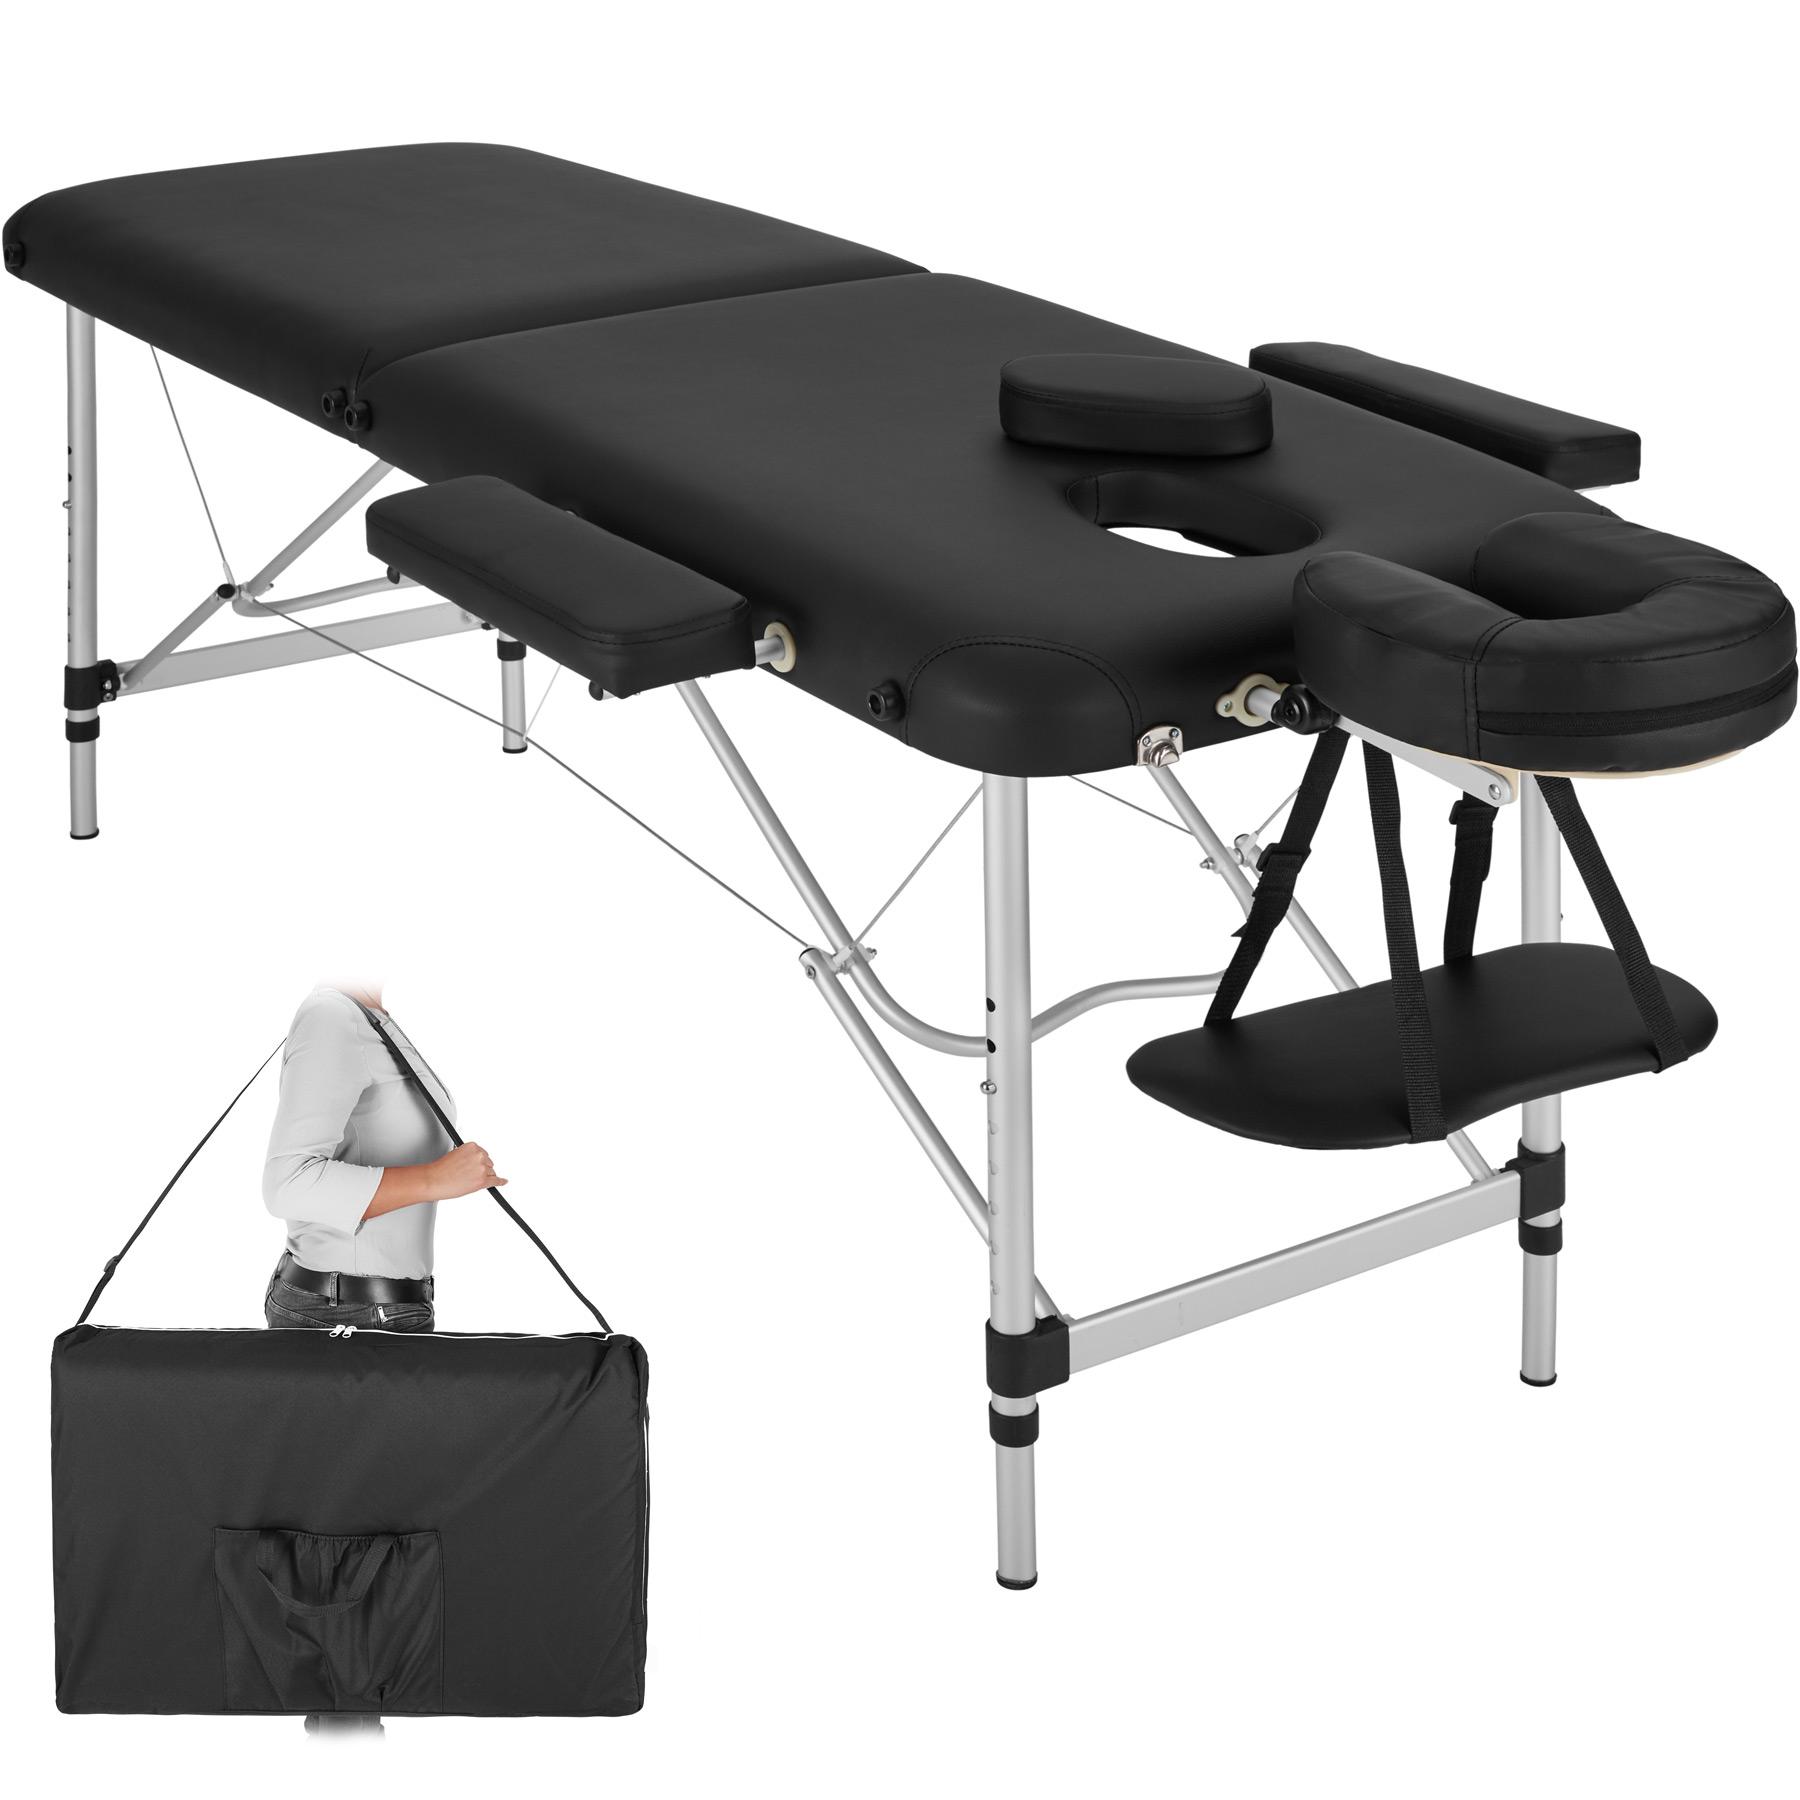 Łóżko stół do masażu 2 strefy alu 402786